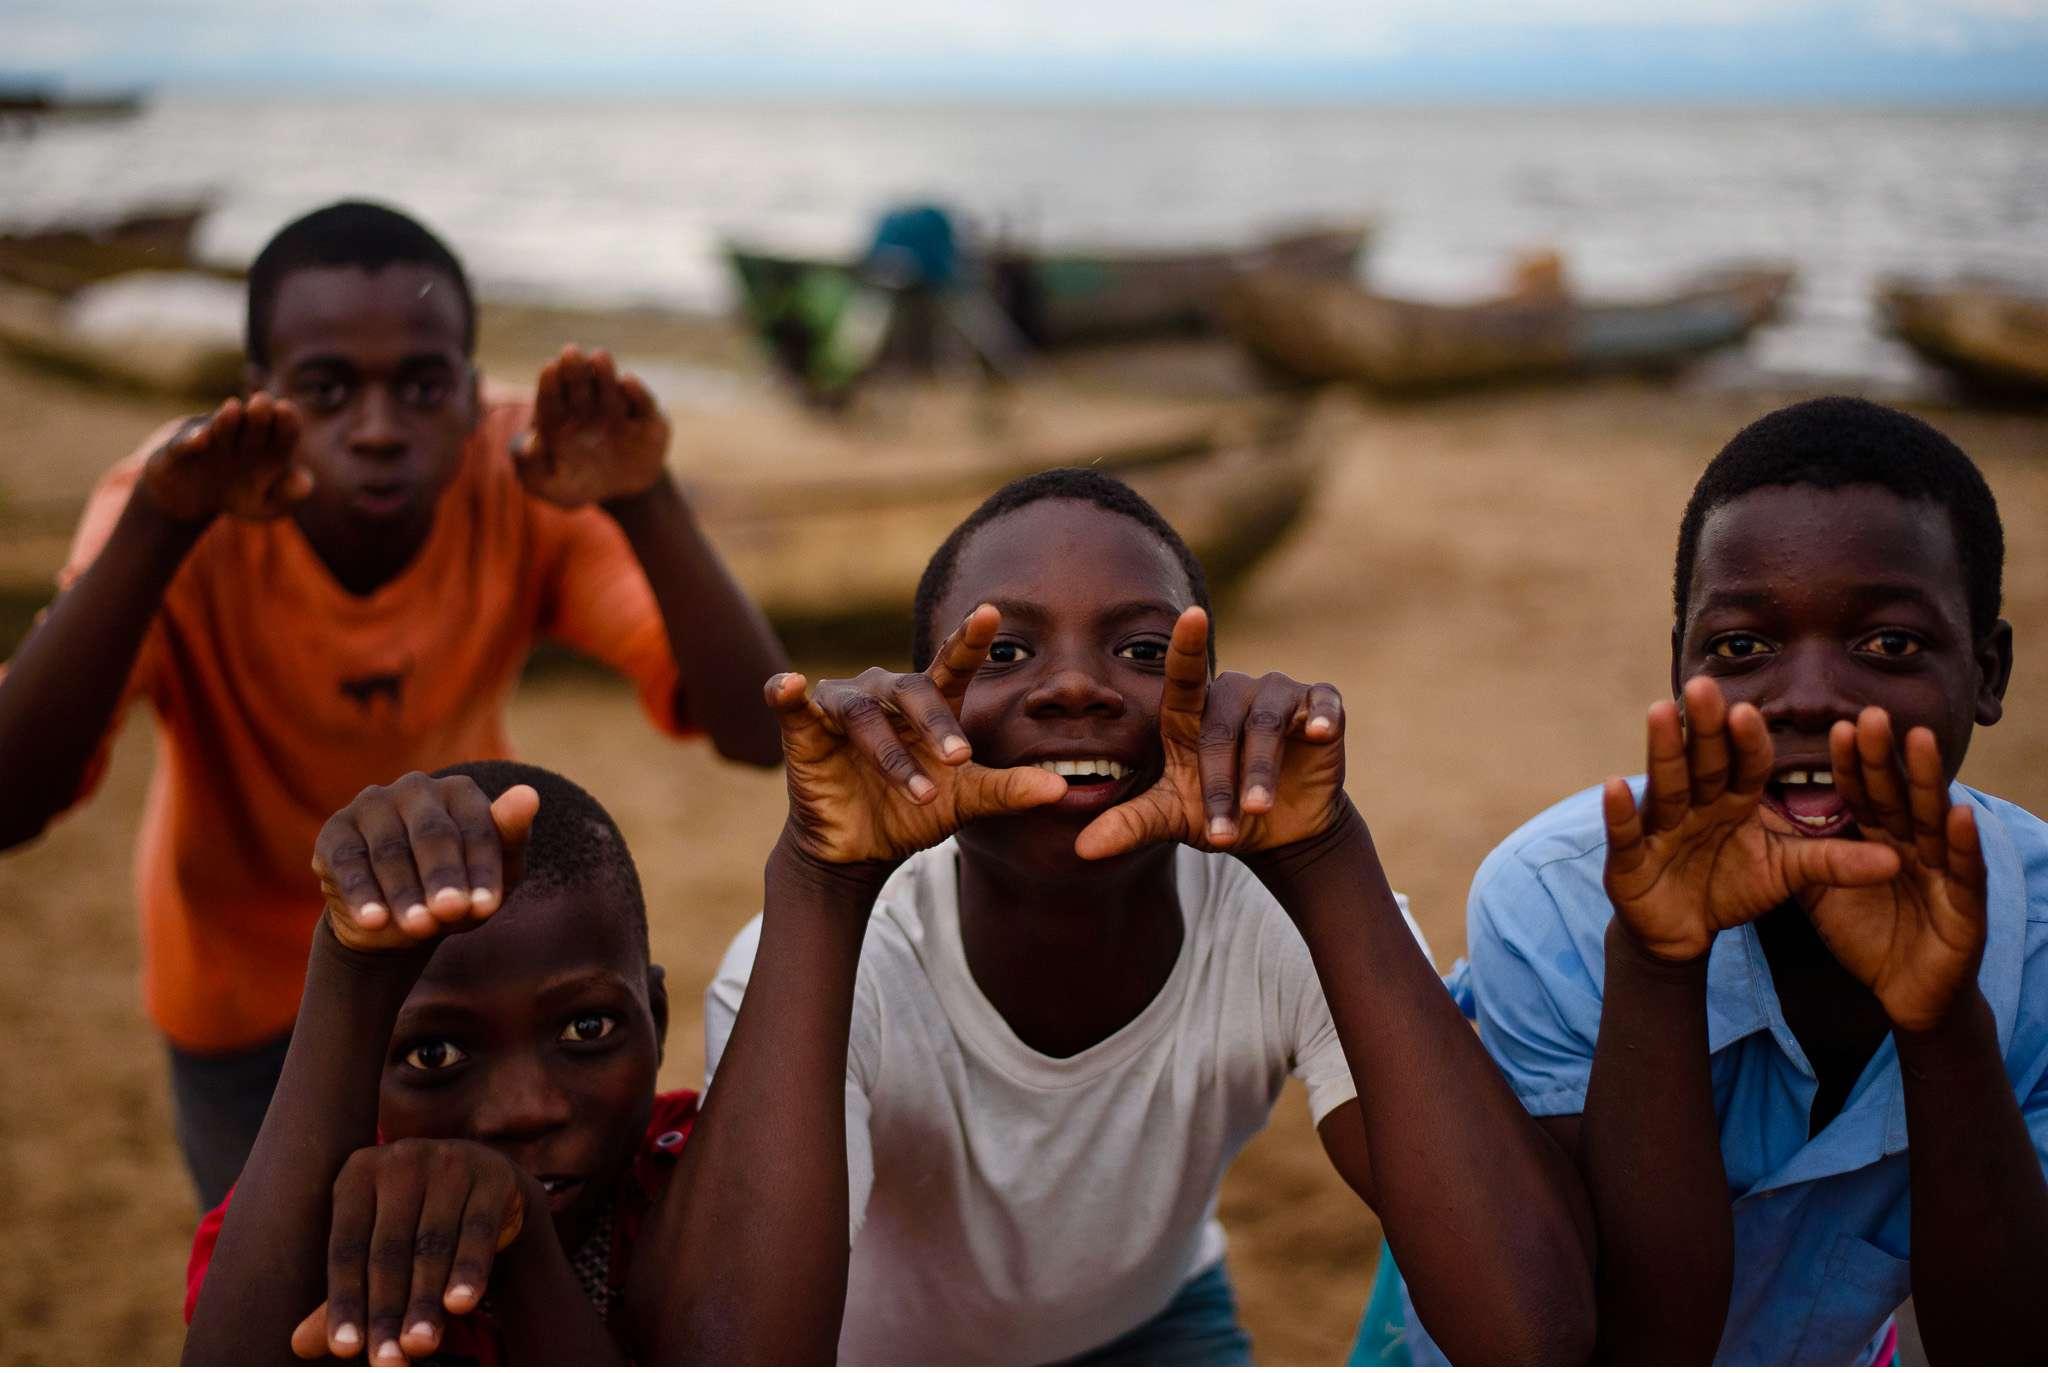 Malawi-Quer durch Afrika- Geschichten von unterwegs by Marion and Daniel-94